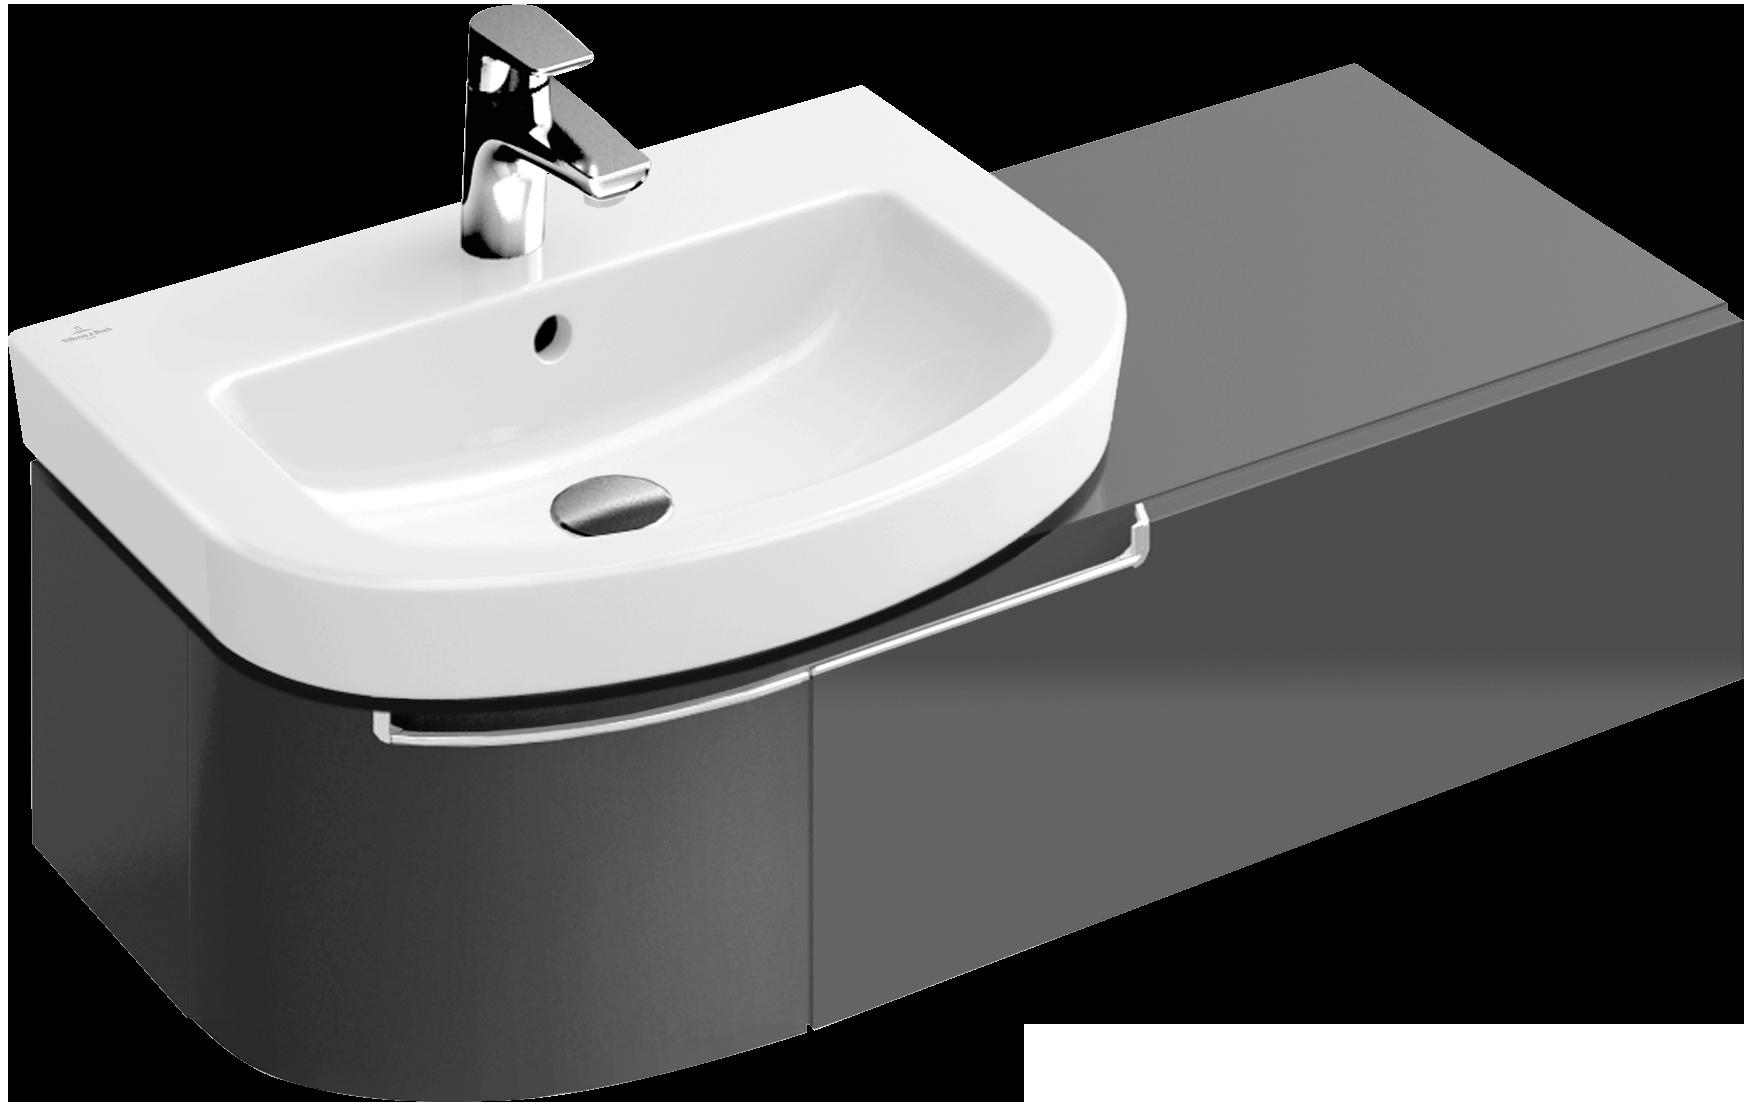 Subway 2 0 vanity unit a7030r villeroy boch - Villeroy and boch bathroom cabinets ...